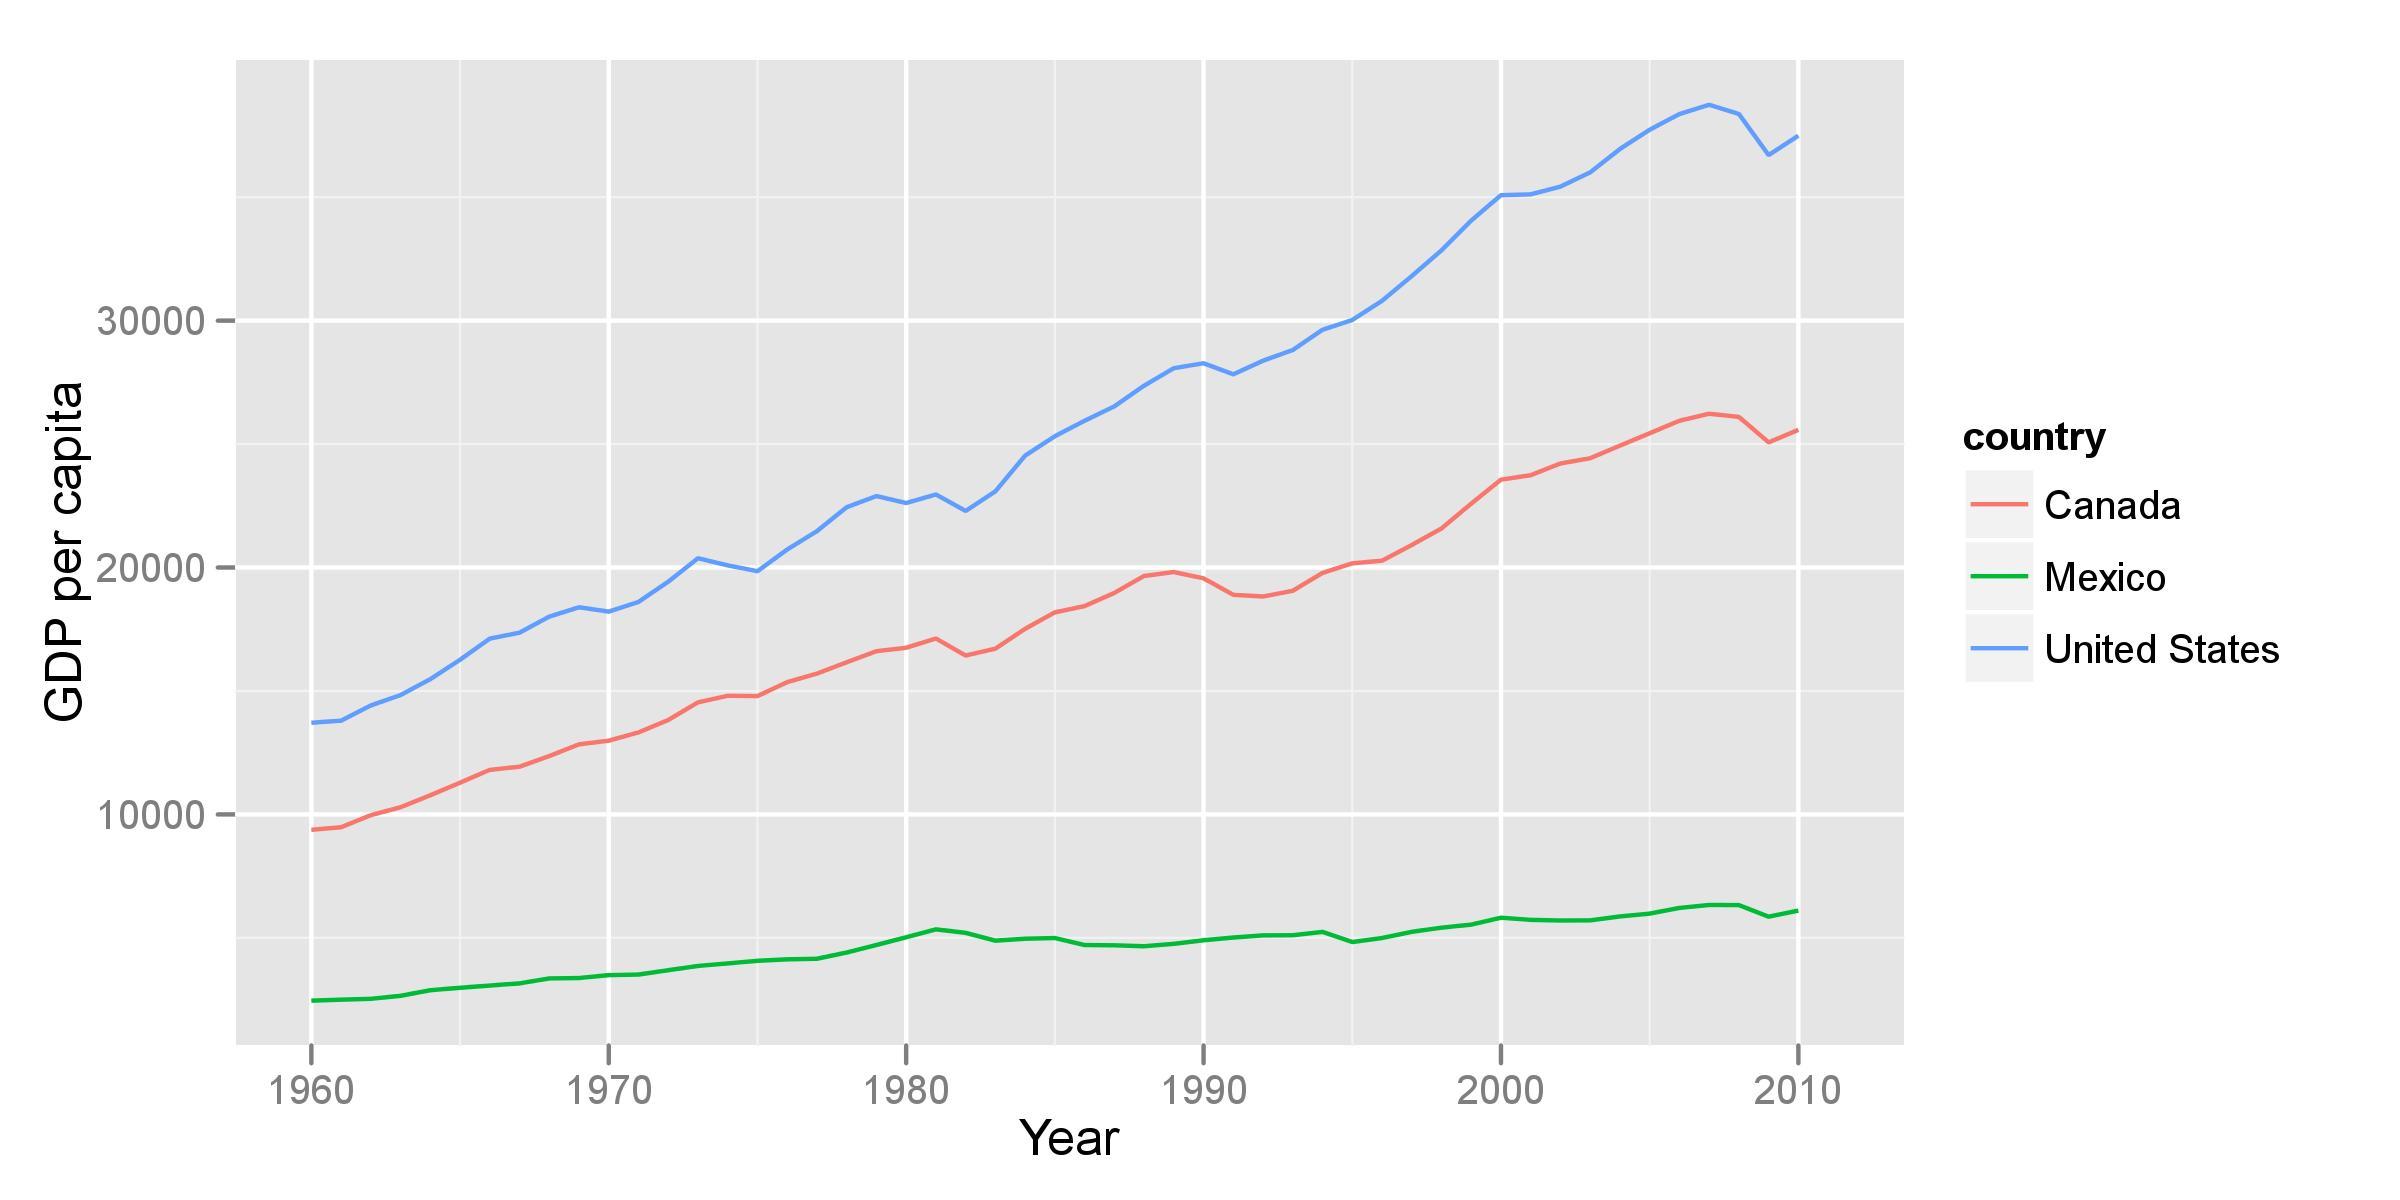 GDP per capita in North America